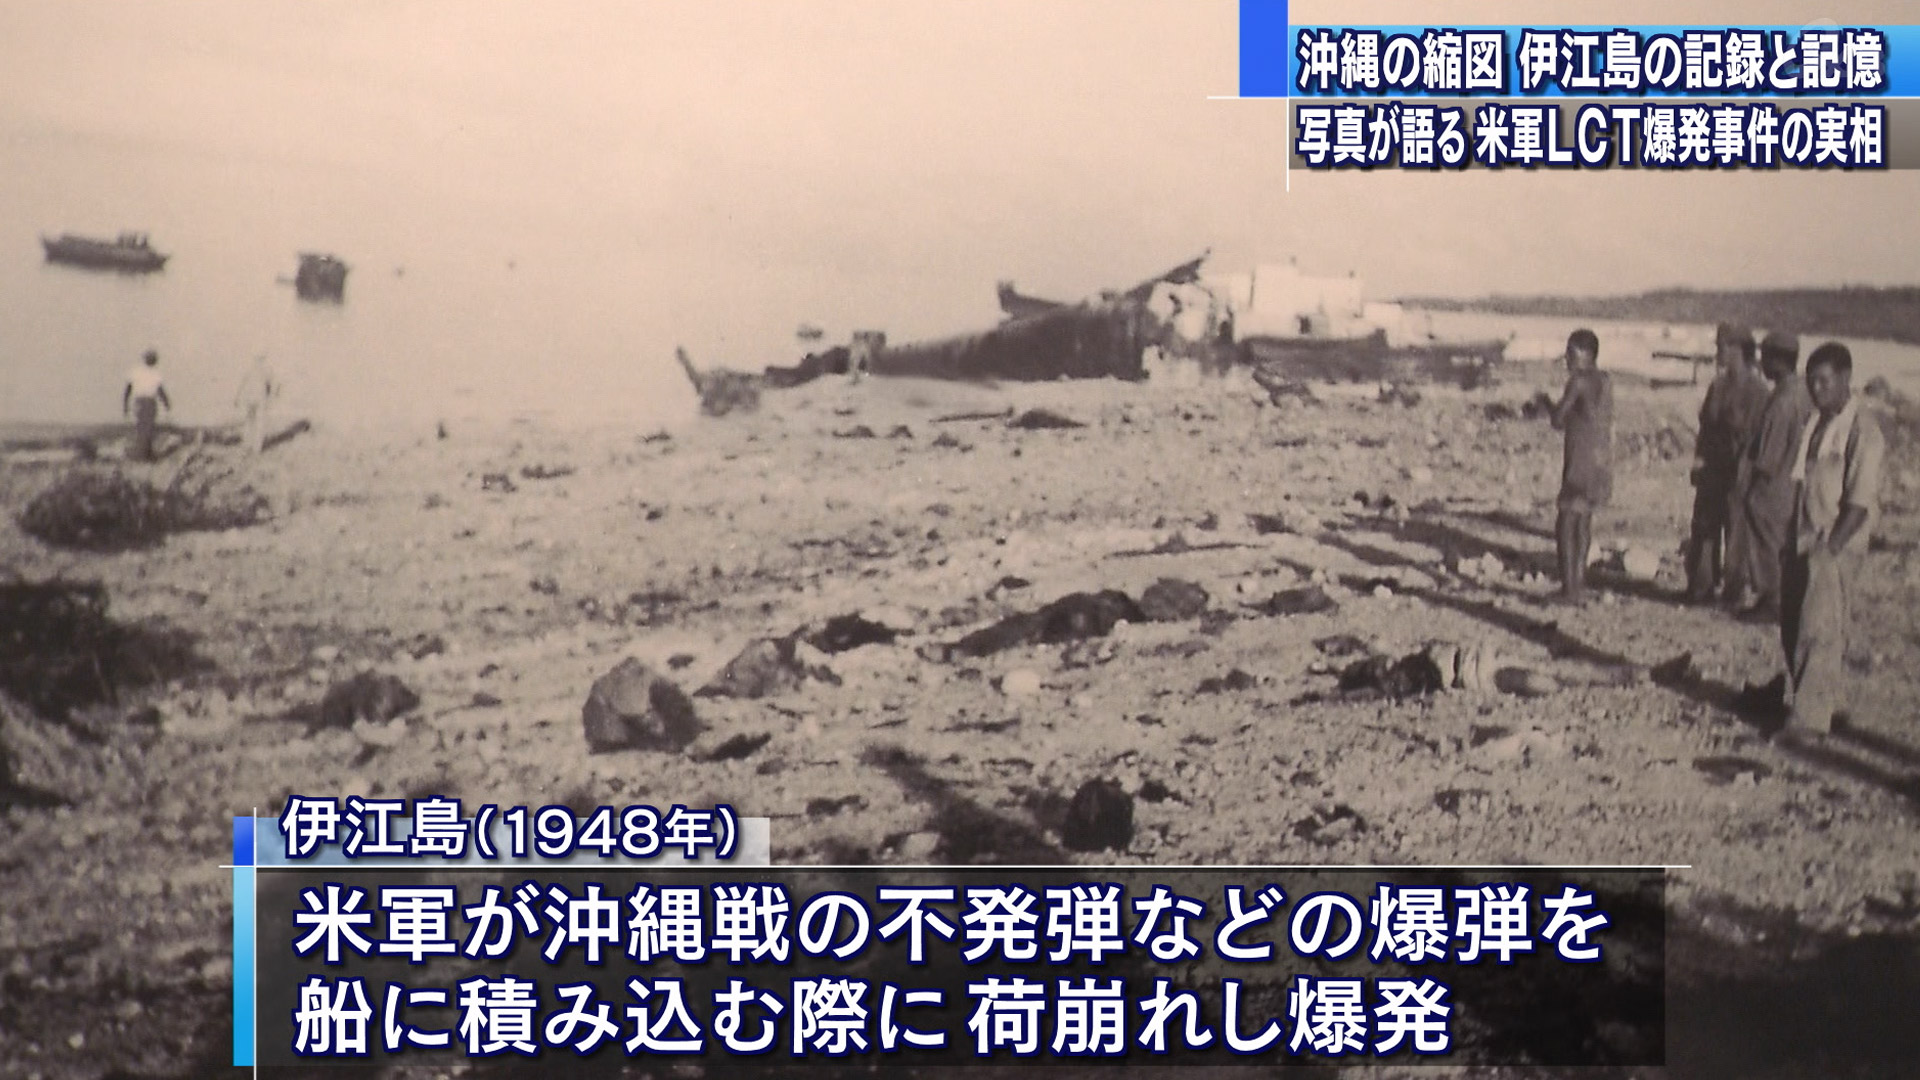 107人犠牲の米軍爆発事故を伝える